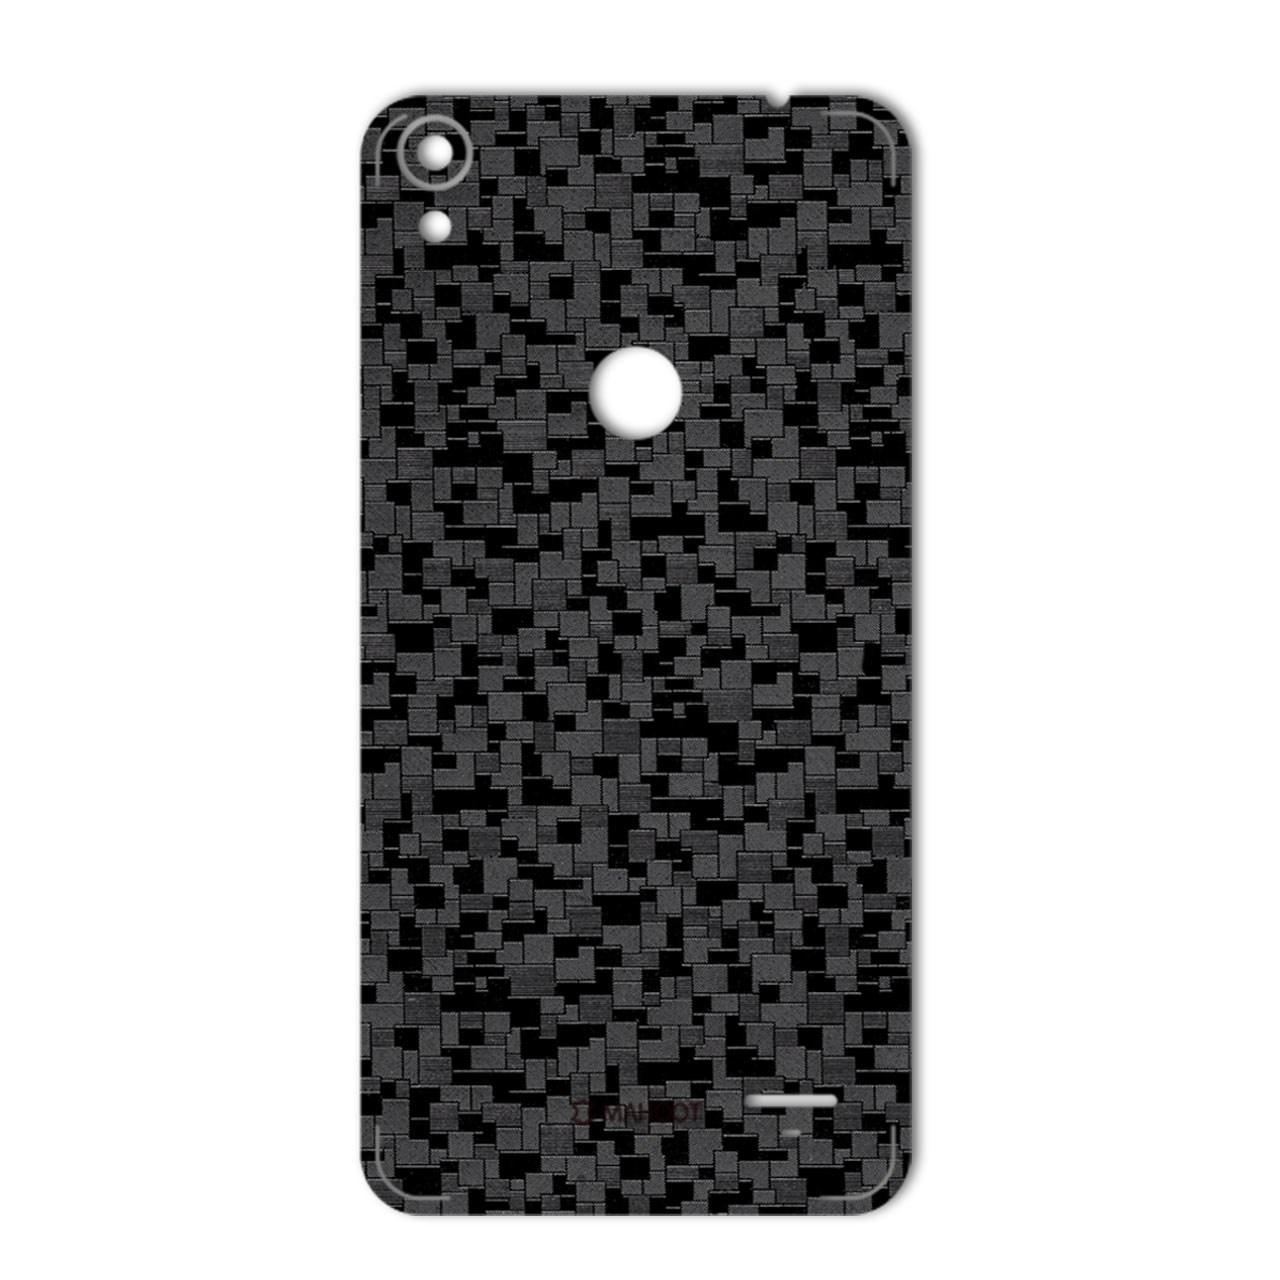 برچسب پوششی ماهوت مدل Silicon Texture مناسب برای گوشی  Tecno WX4 Pro